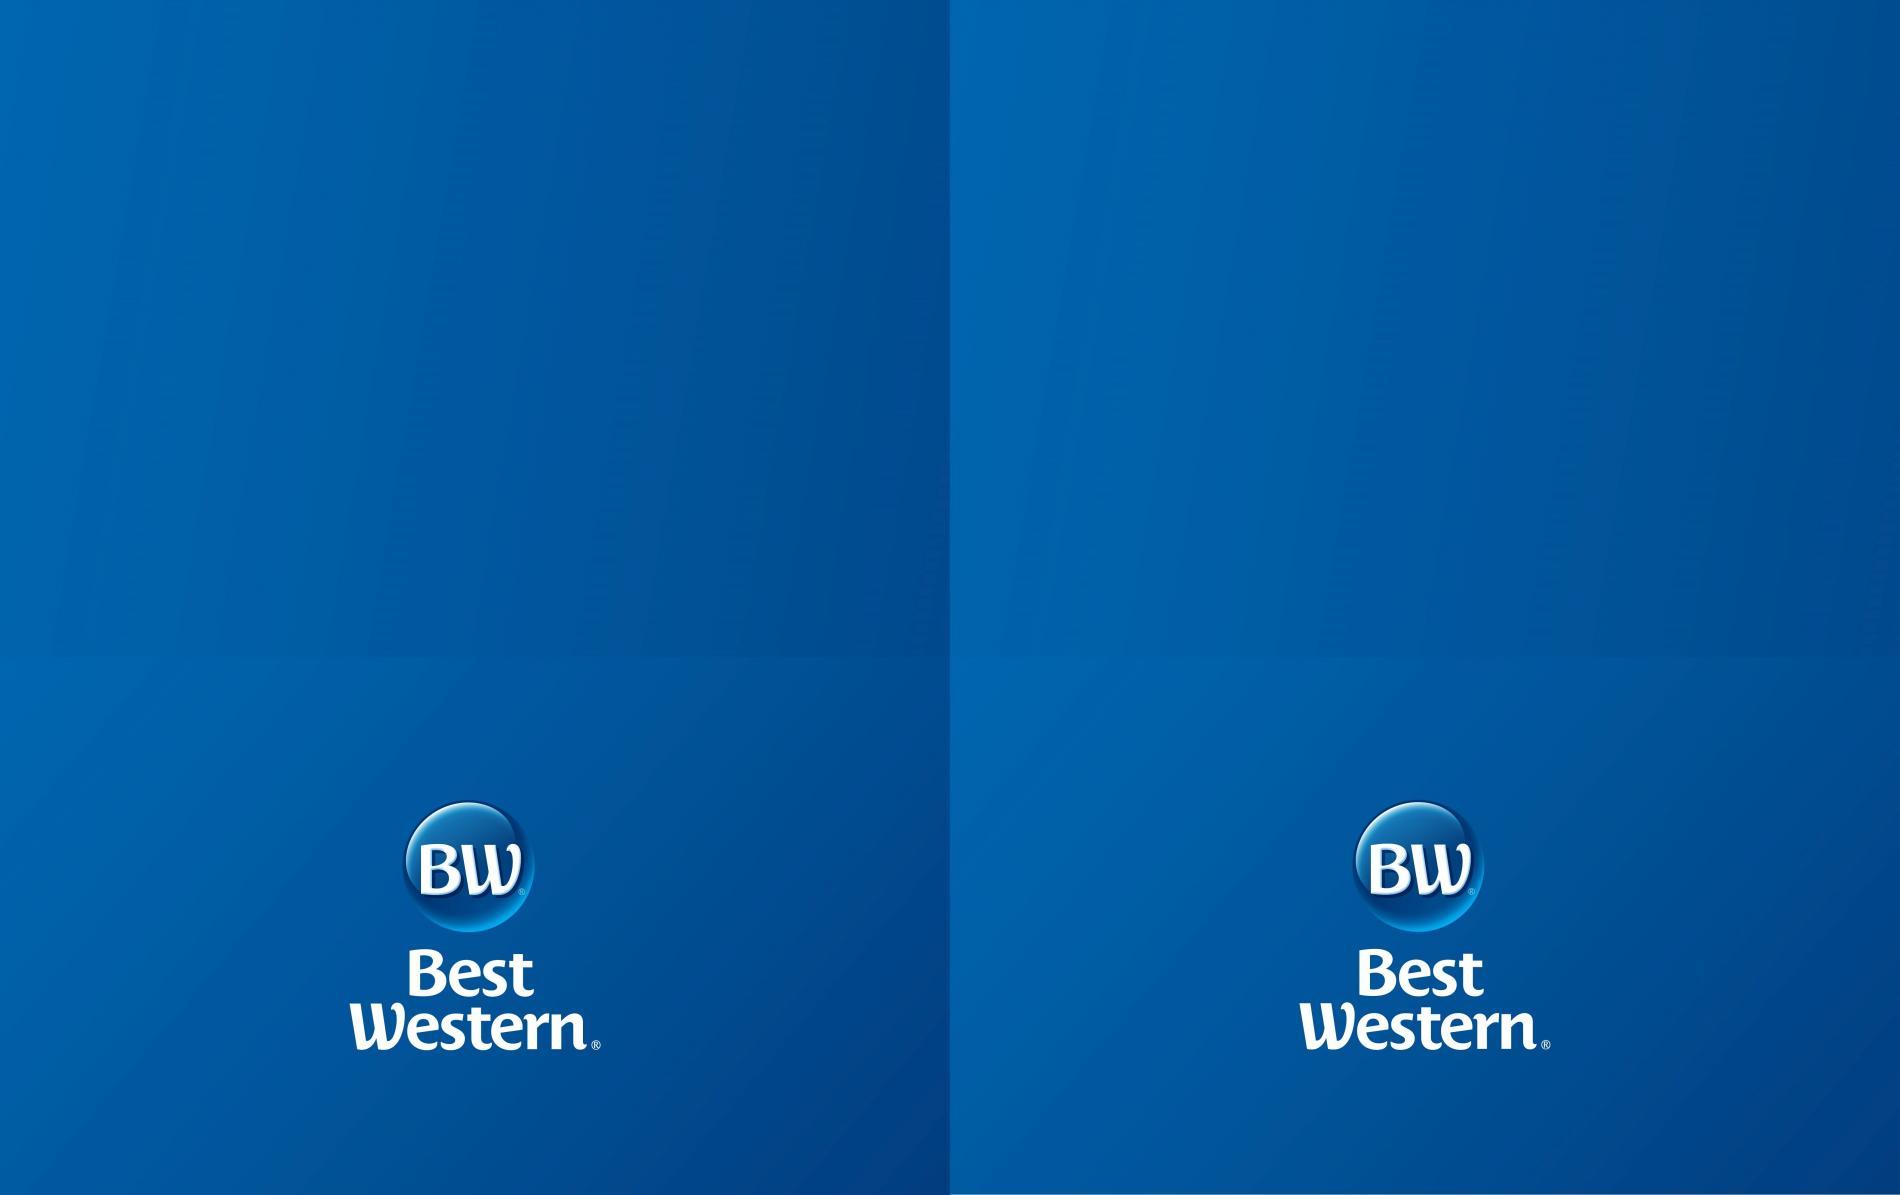 Quel changements en 2020! le Royal Hôtel Caen devient BW Royal Hôtel en intégrant Best Western Hotels & Resorts.